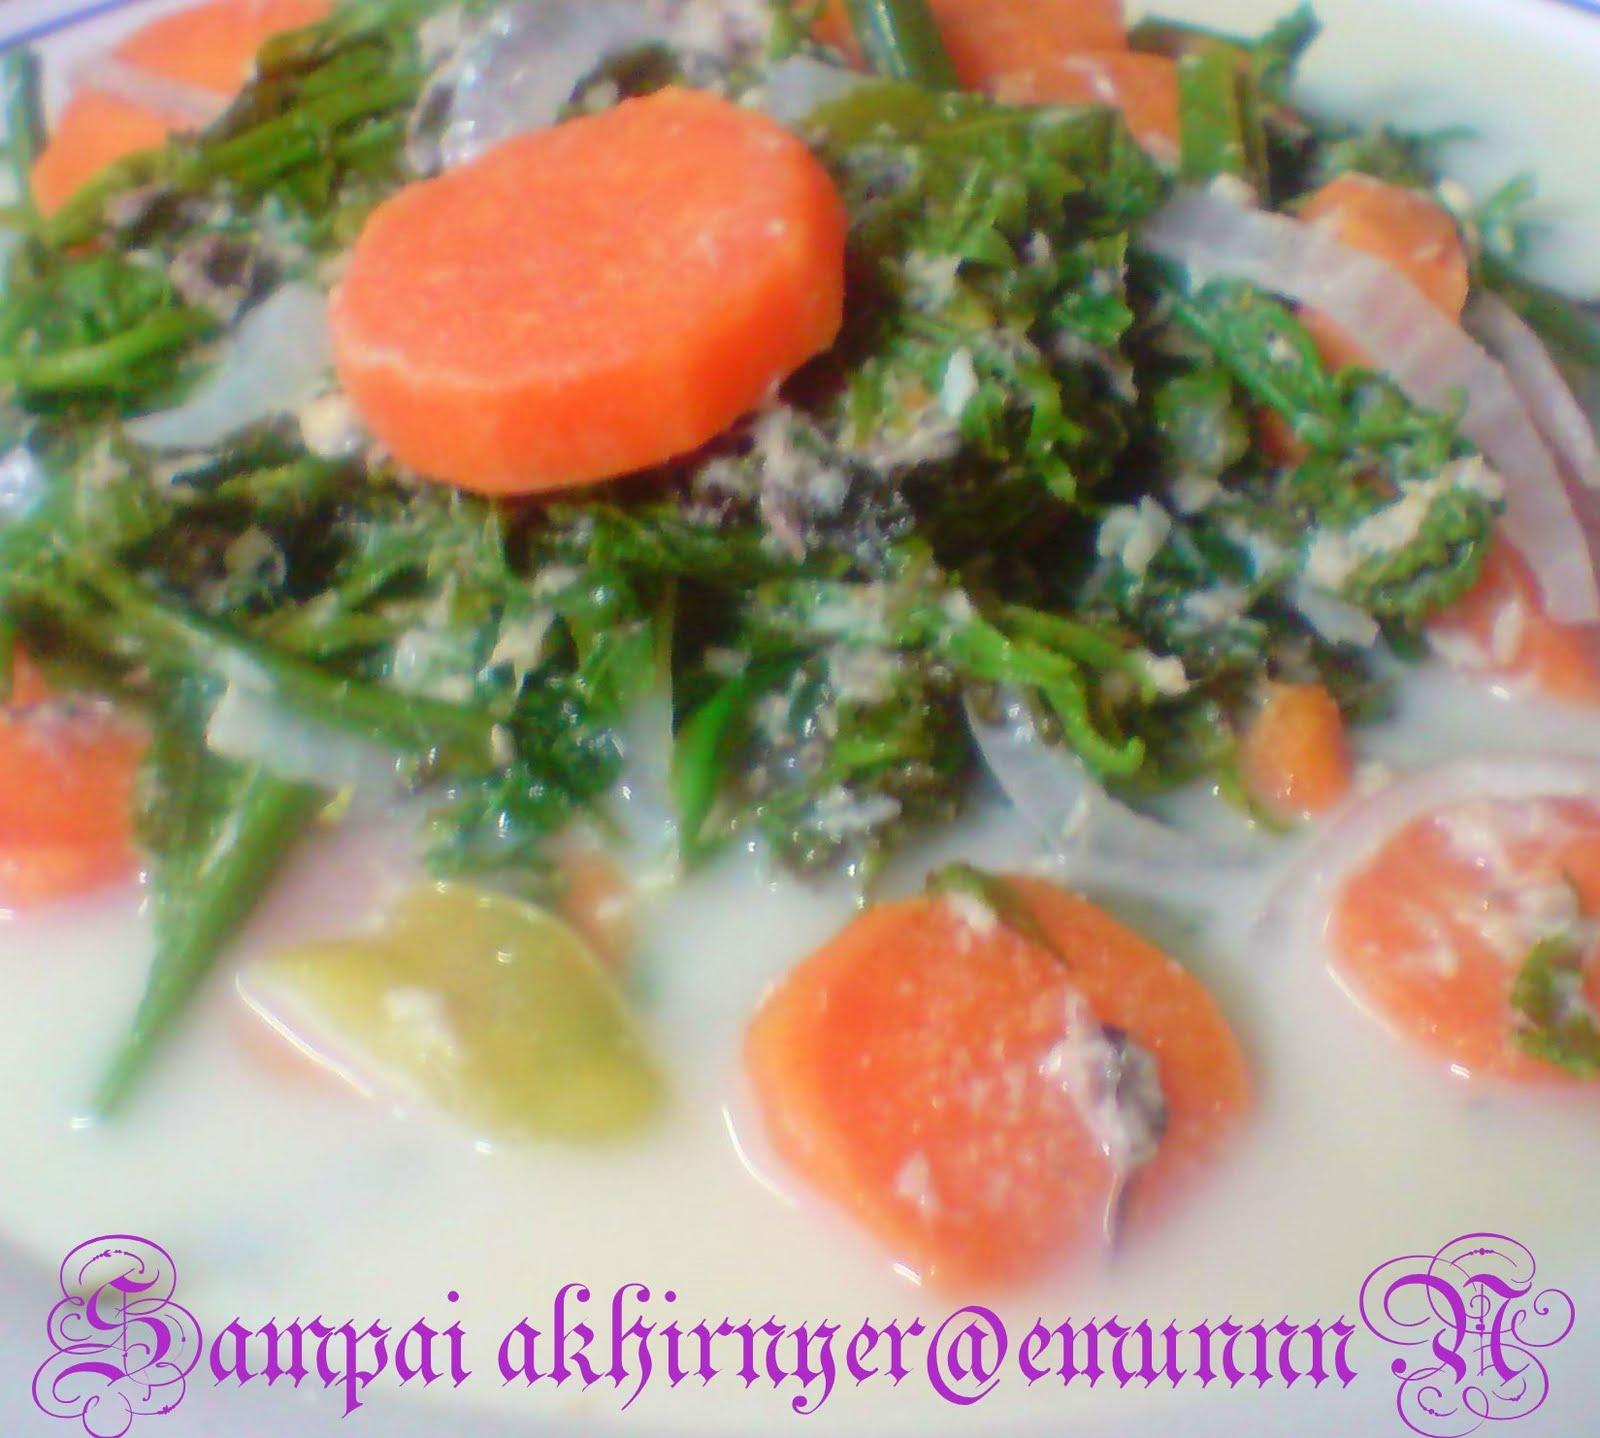 resepi mee kari  sedap  mudah resepi cc Resepi Mee Kari Terengganu Enak dan Mudah